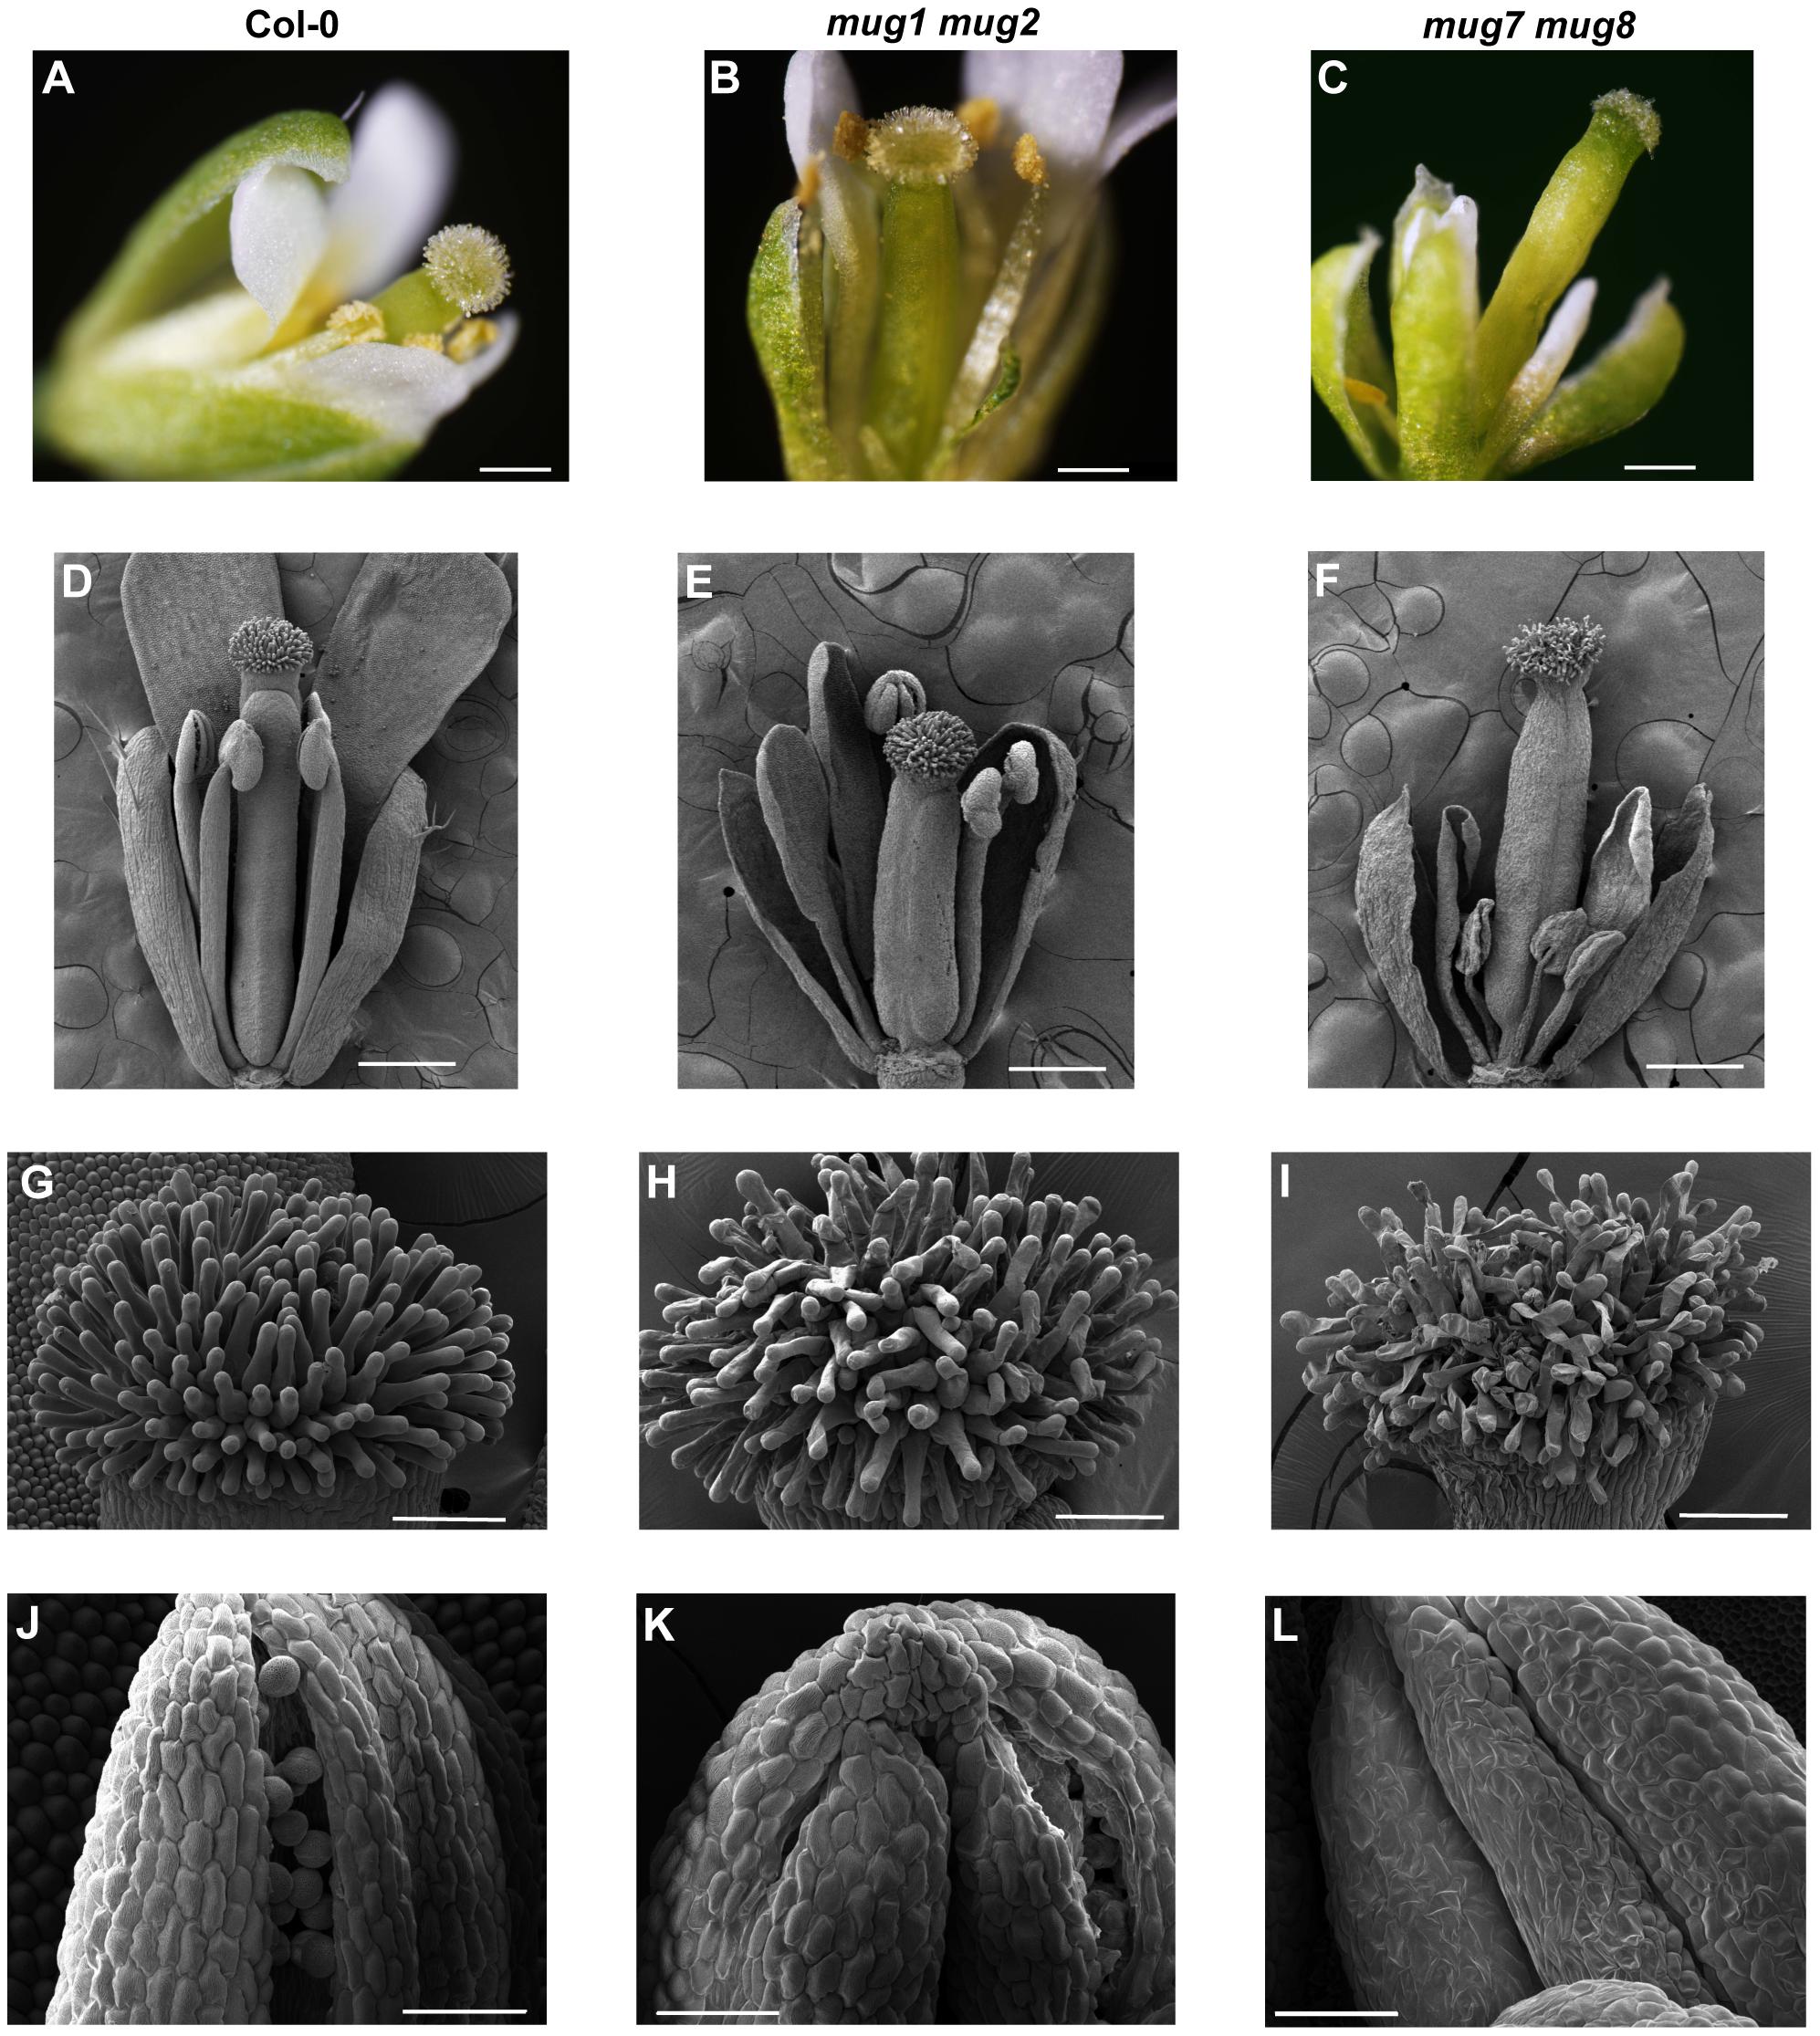 Flower structure of wild-type, <i>mug1 mug2</i>, and <i>mug7 mug8</i> in <i>A. thaliana</i>.